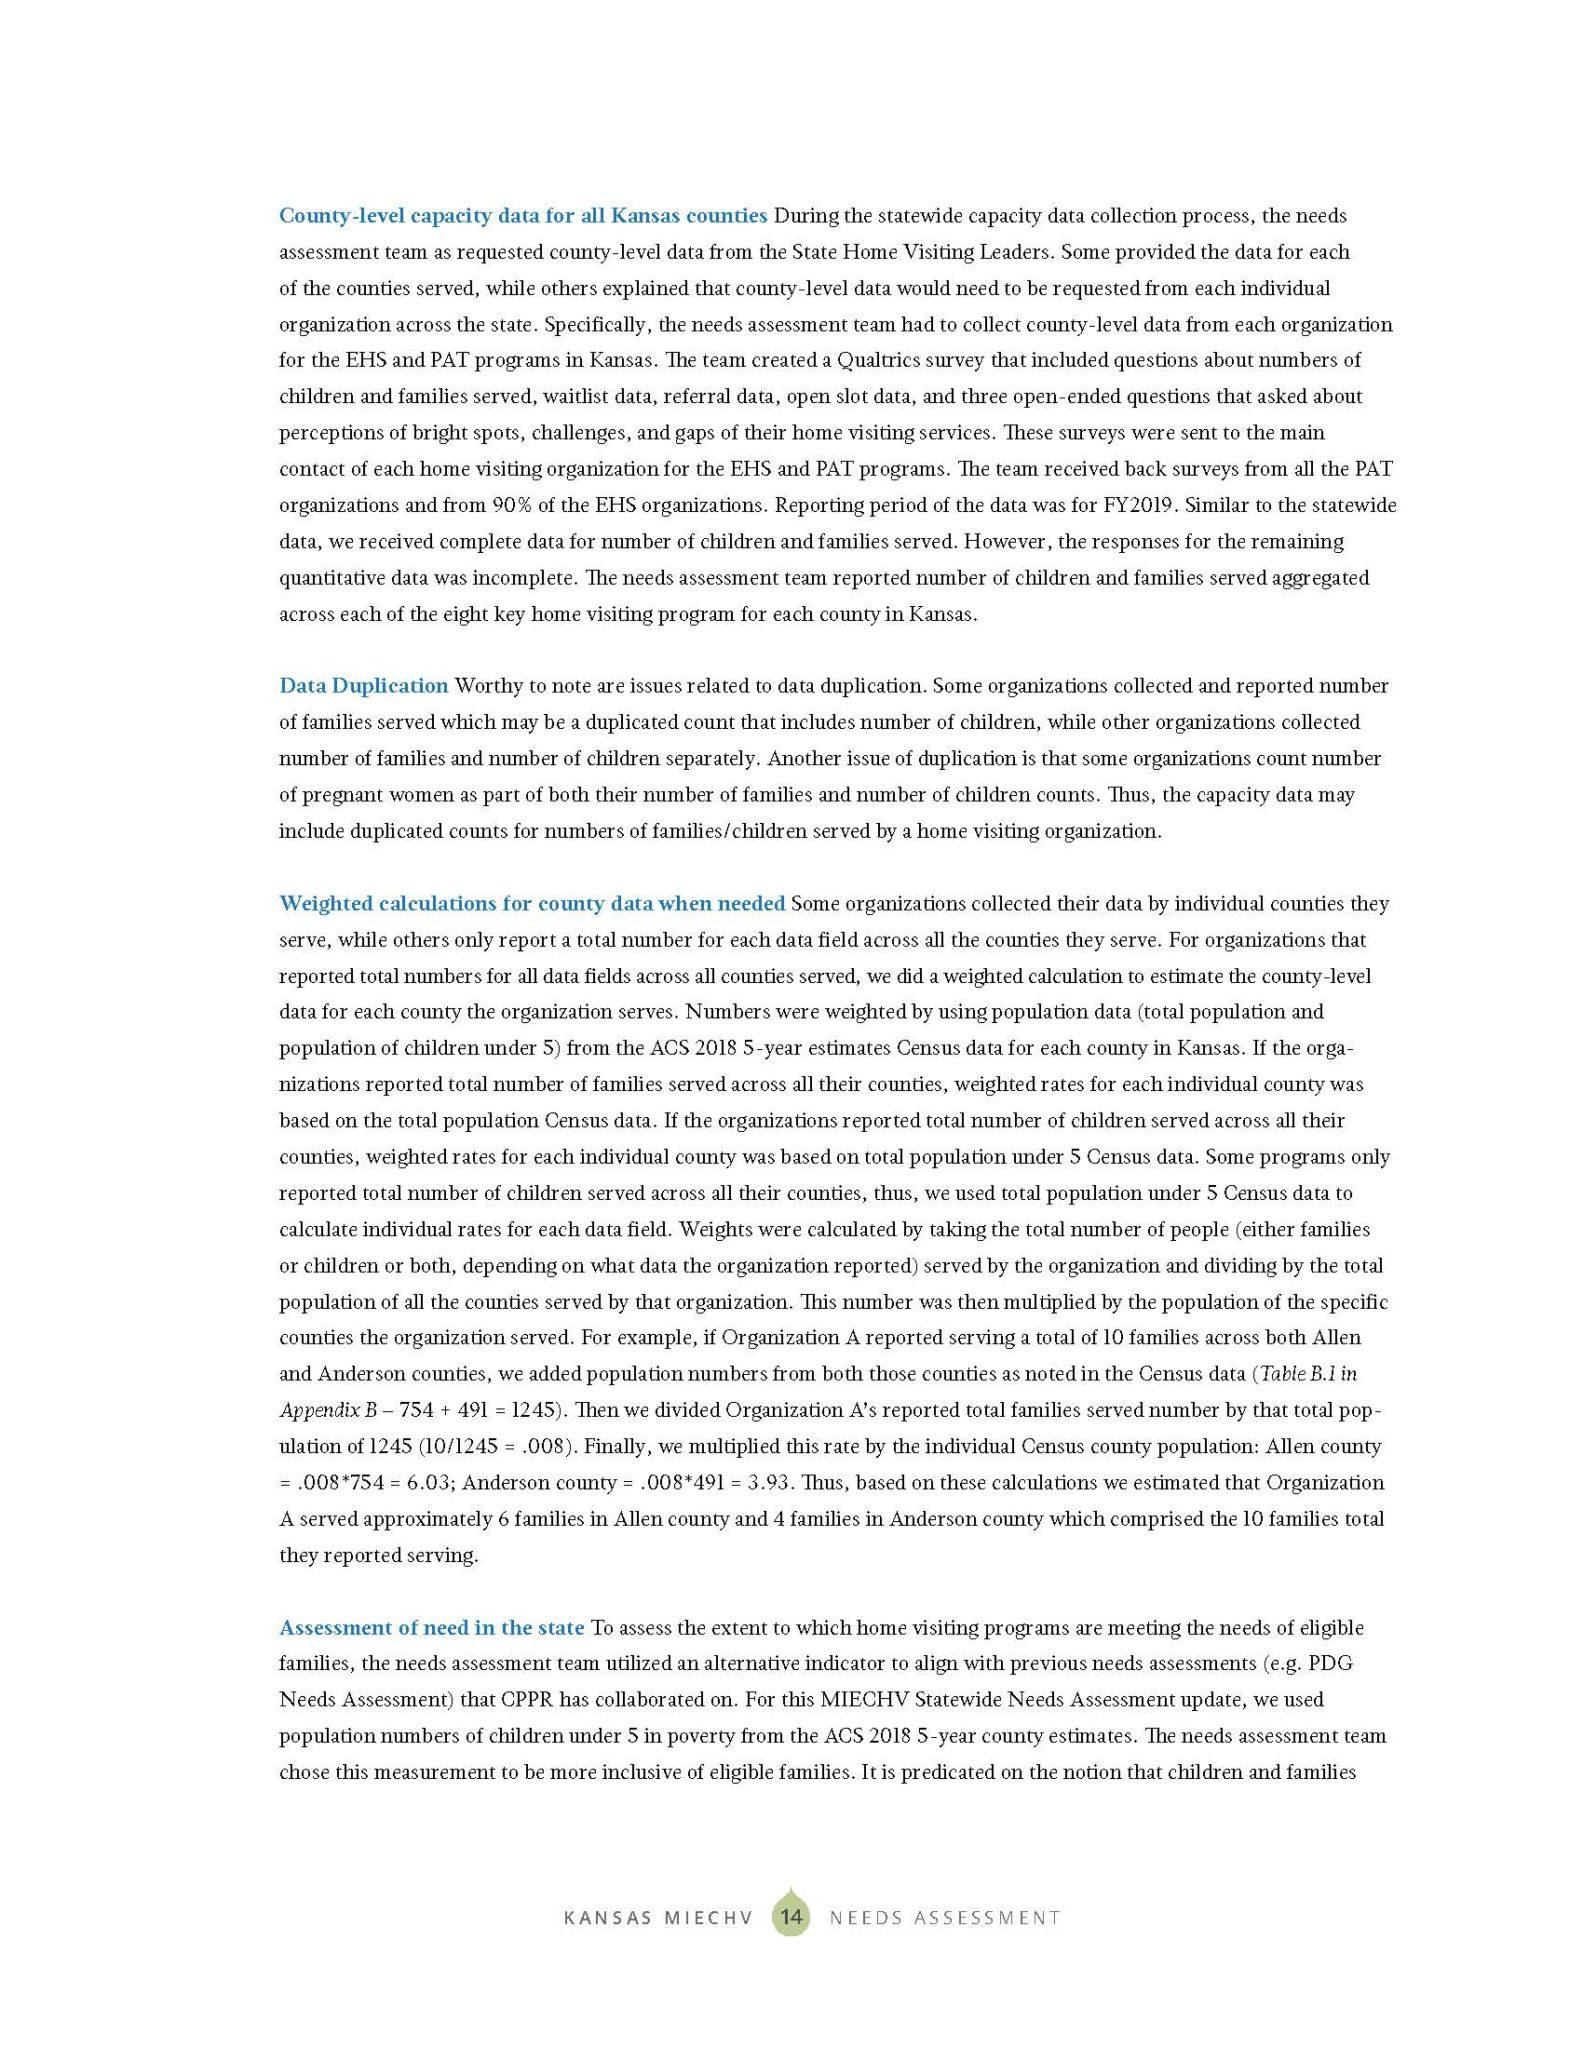 KS MIECHV 2020 Needs Assessment_DIGITAL_Page_022